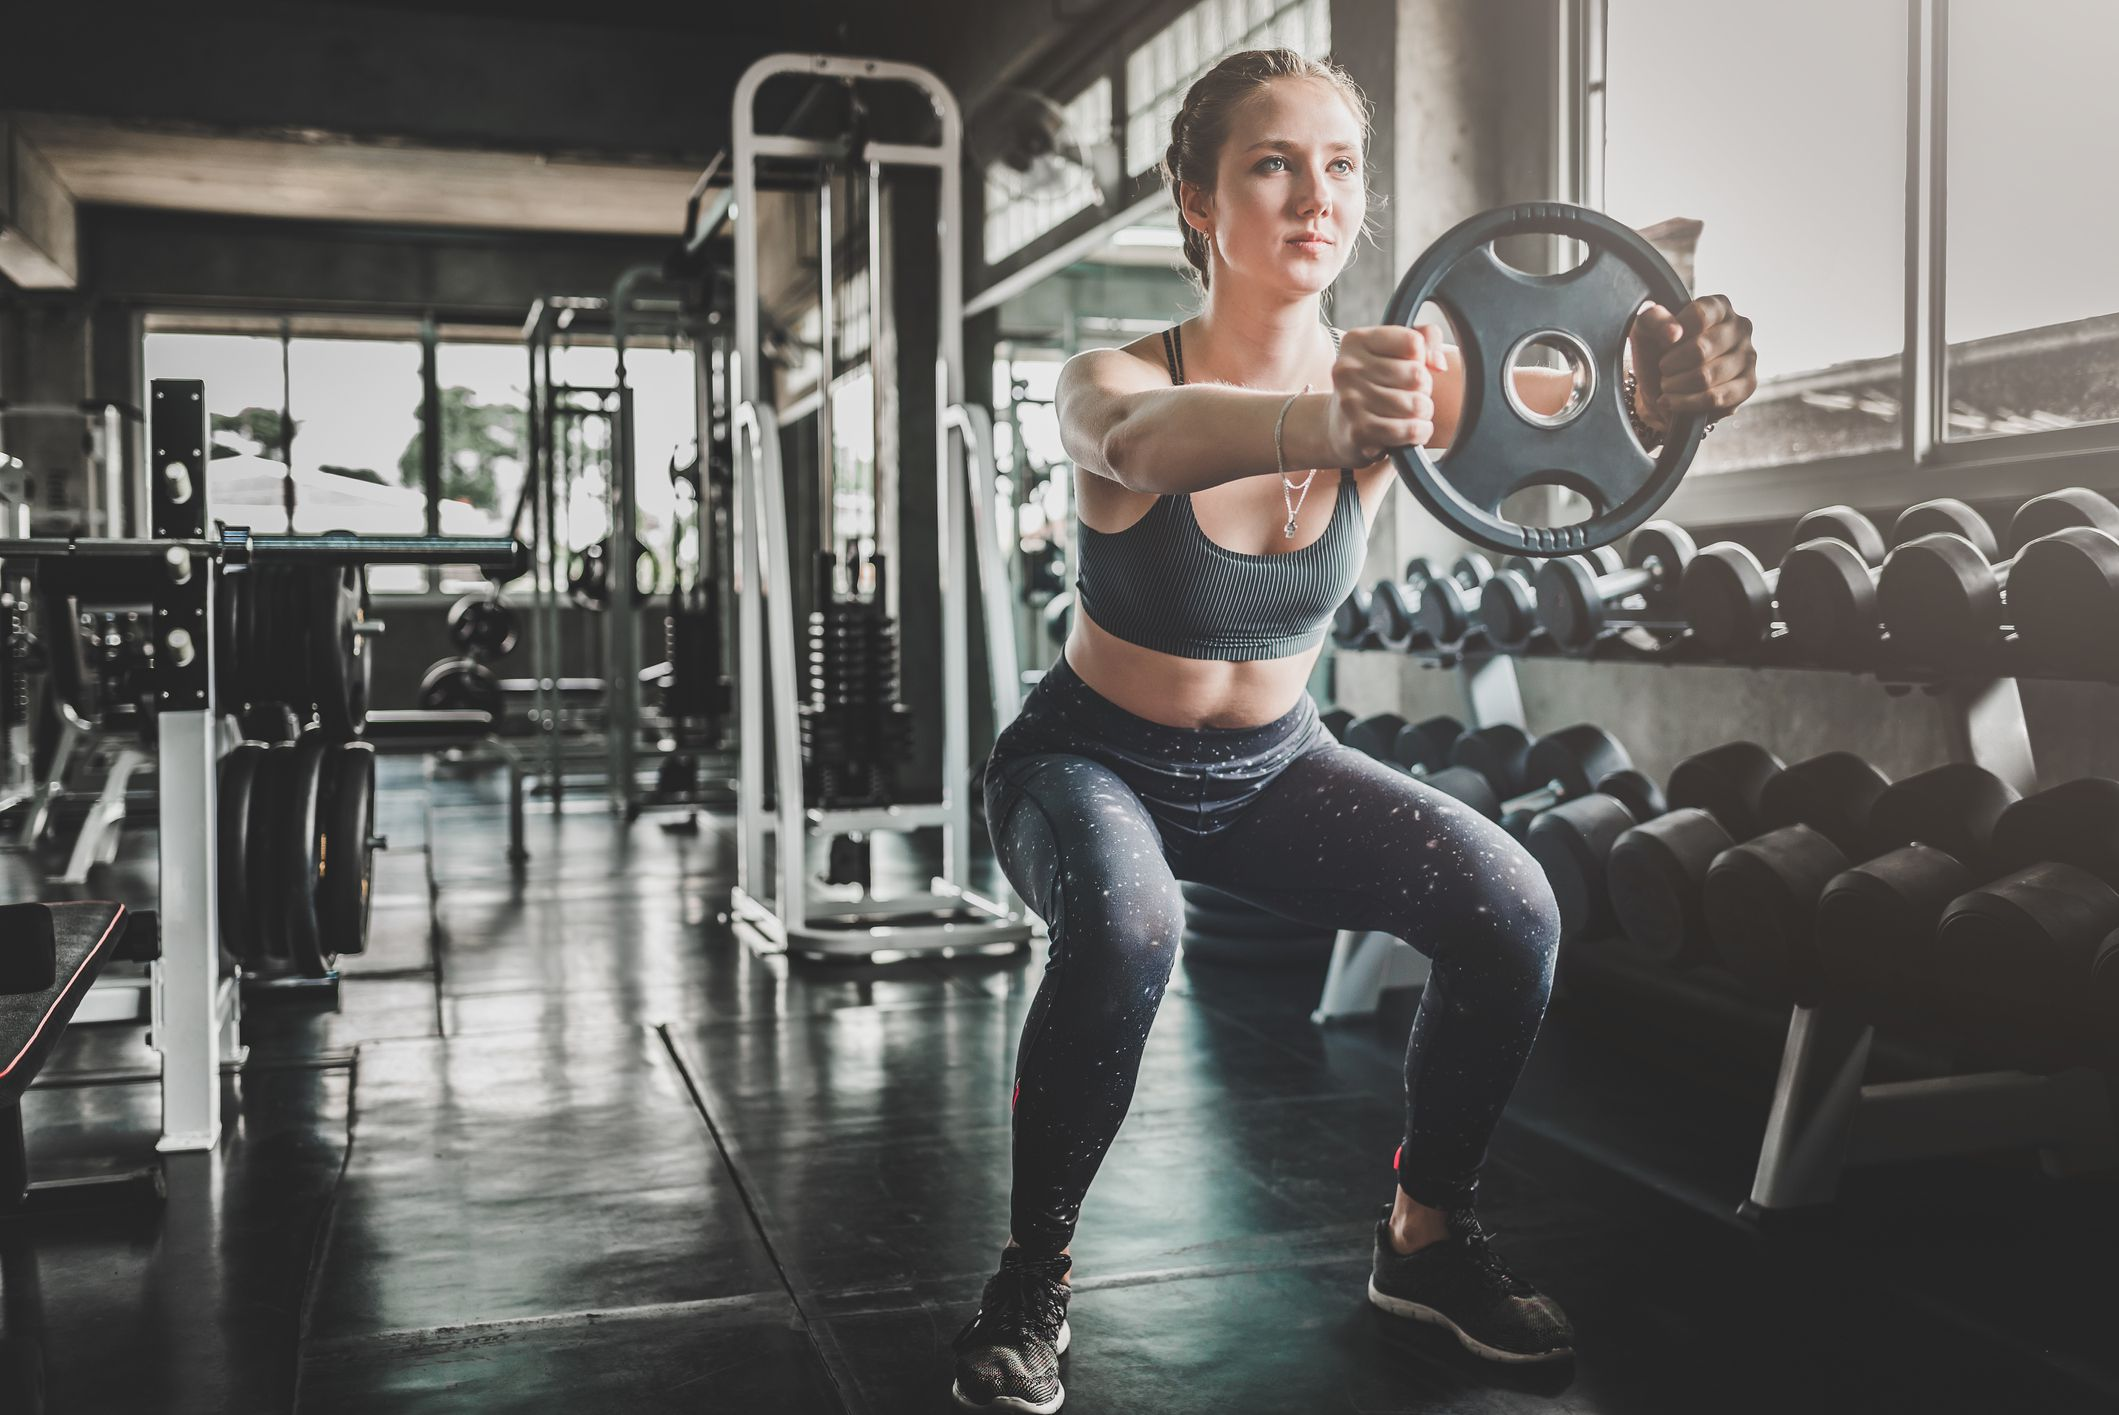 fitness - Memakai Baju yang Tepat untuk Olahraga